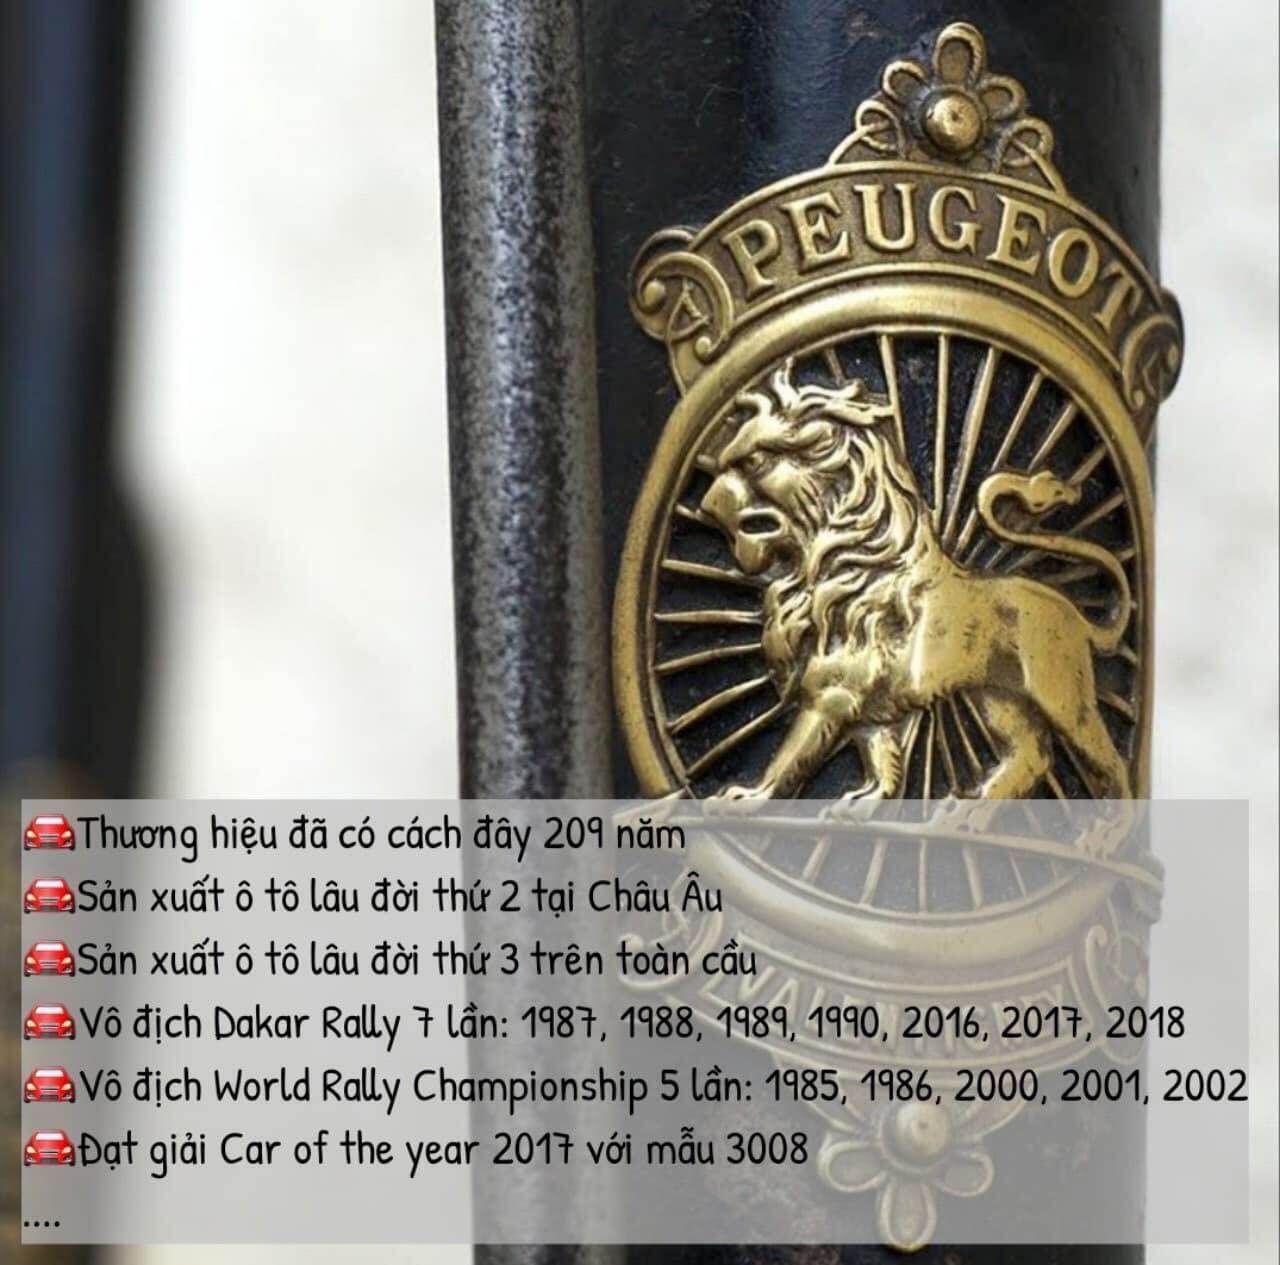 Lịch sử hãng xe Peugeot